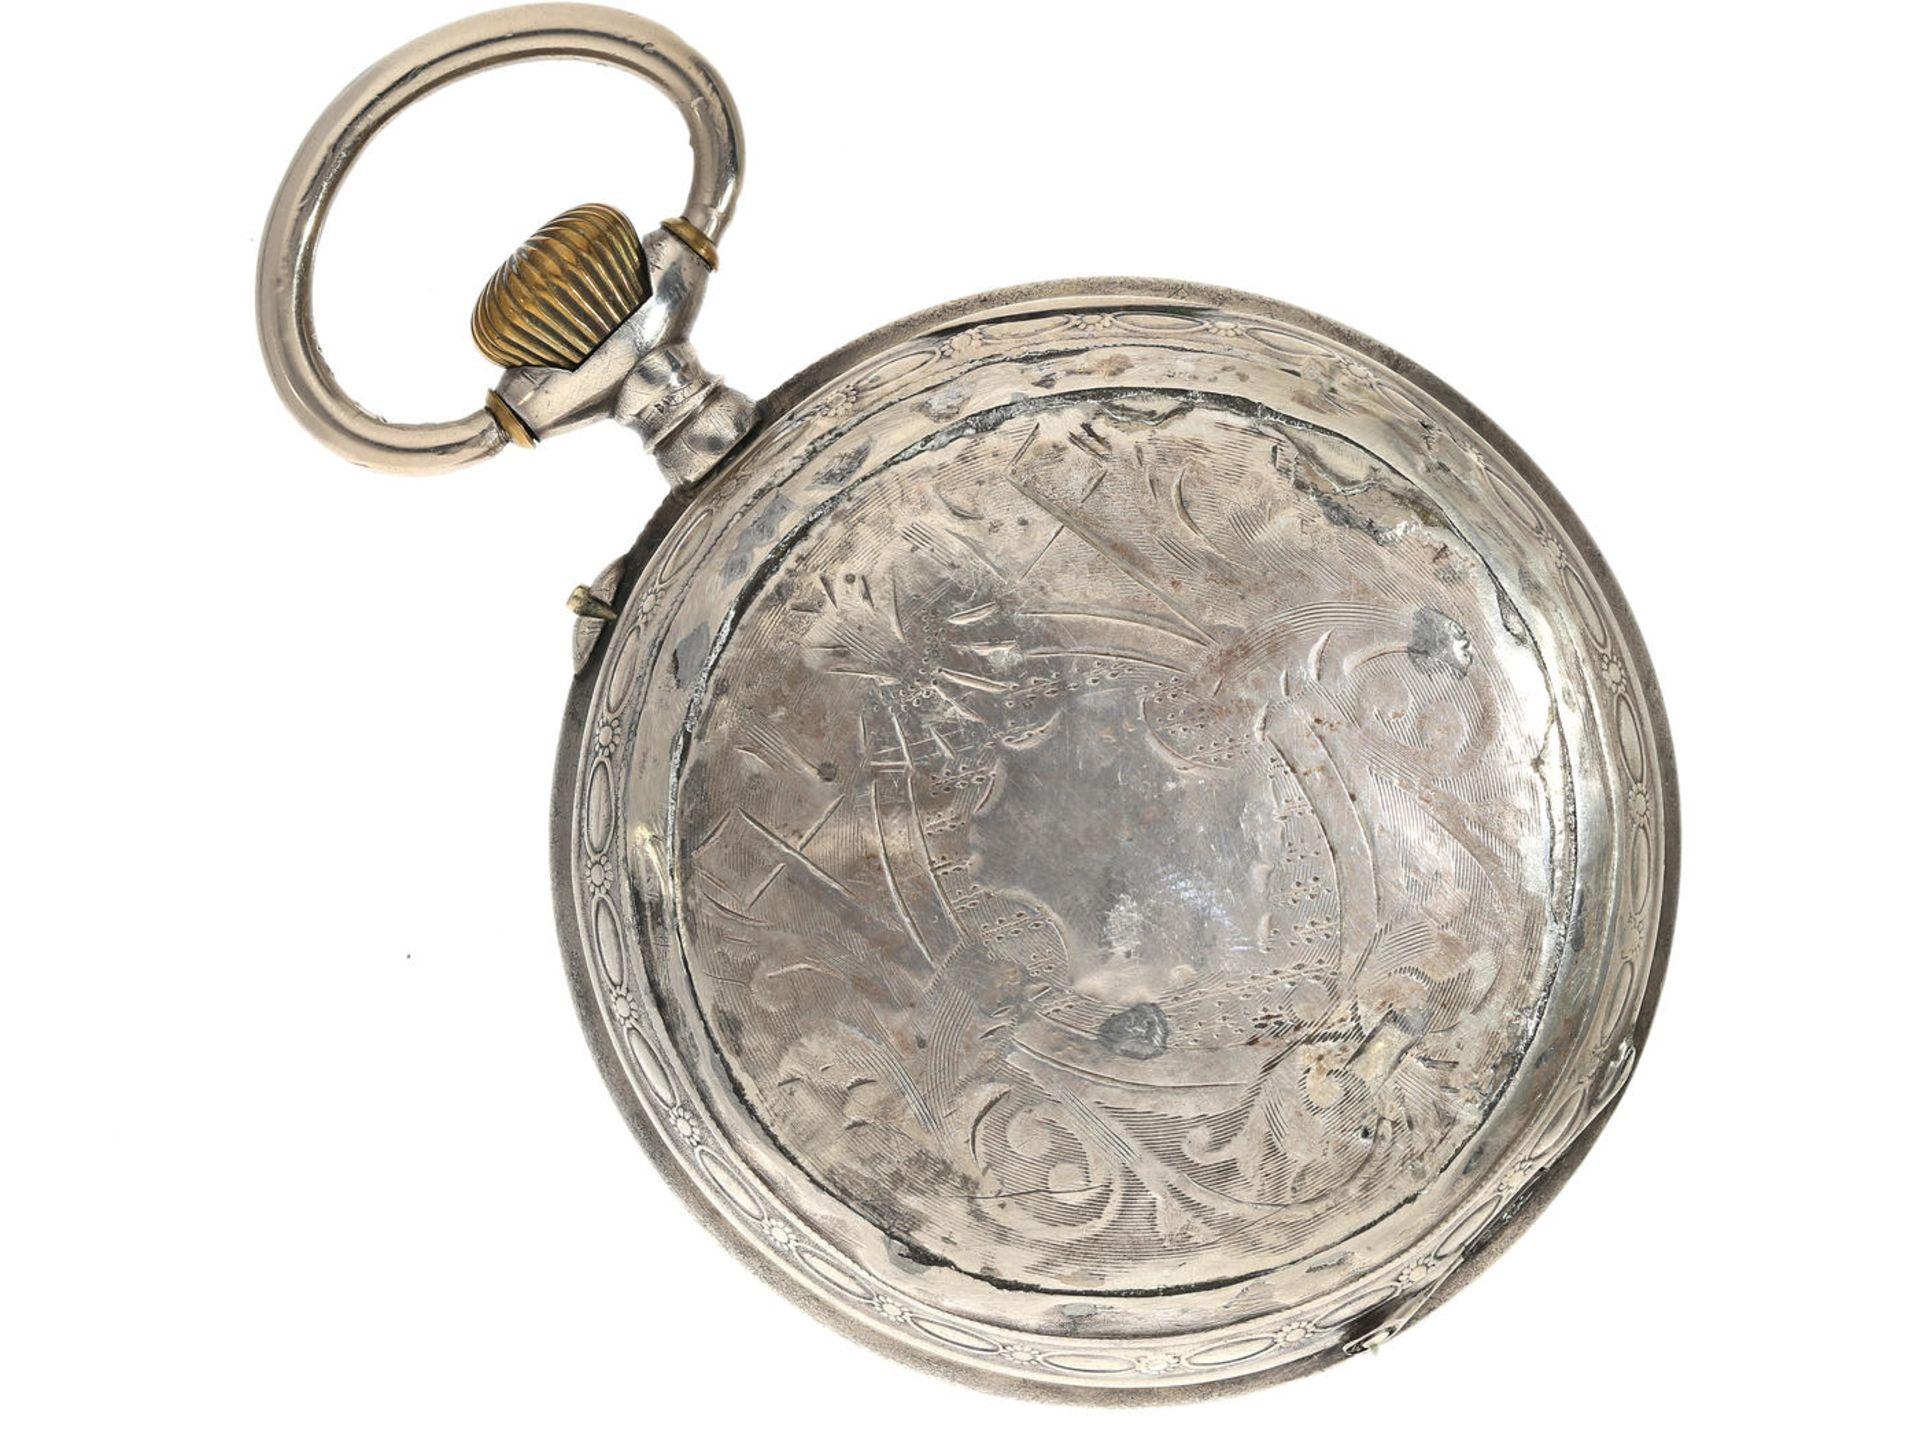 """Taschenuhr: übergroße, silberne Taschenuhr mit dekorativem Kartuschenzifferblatt, Typ """"Regulateur - Bild 4 aus 5"""